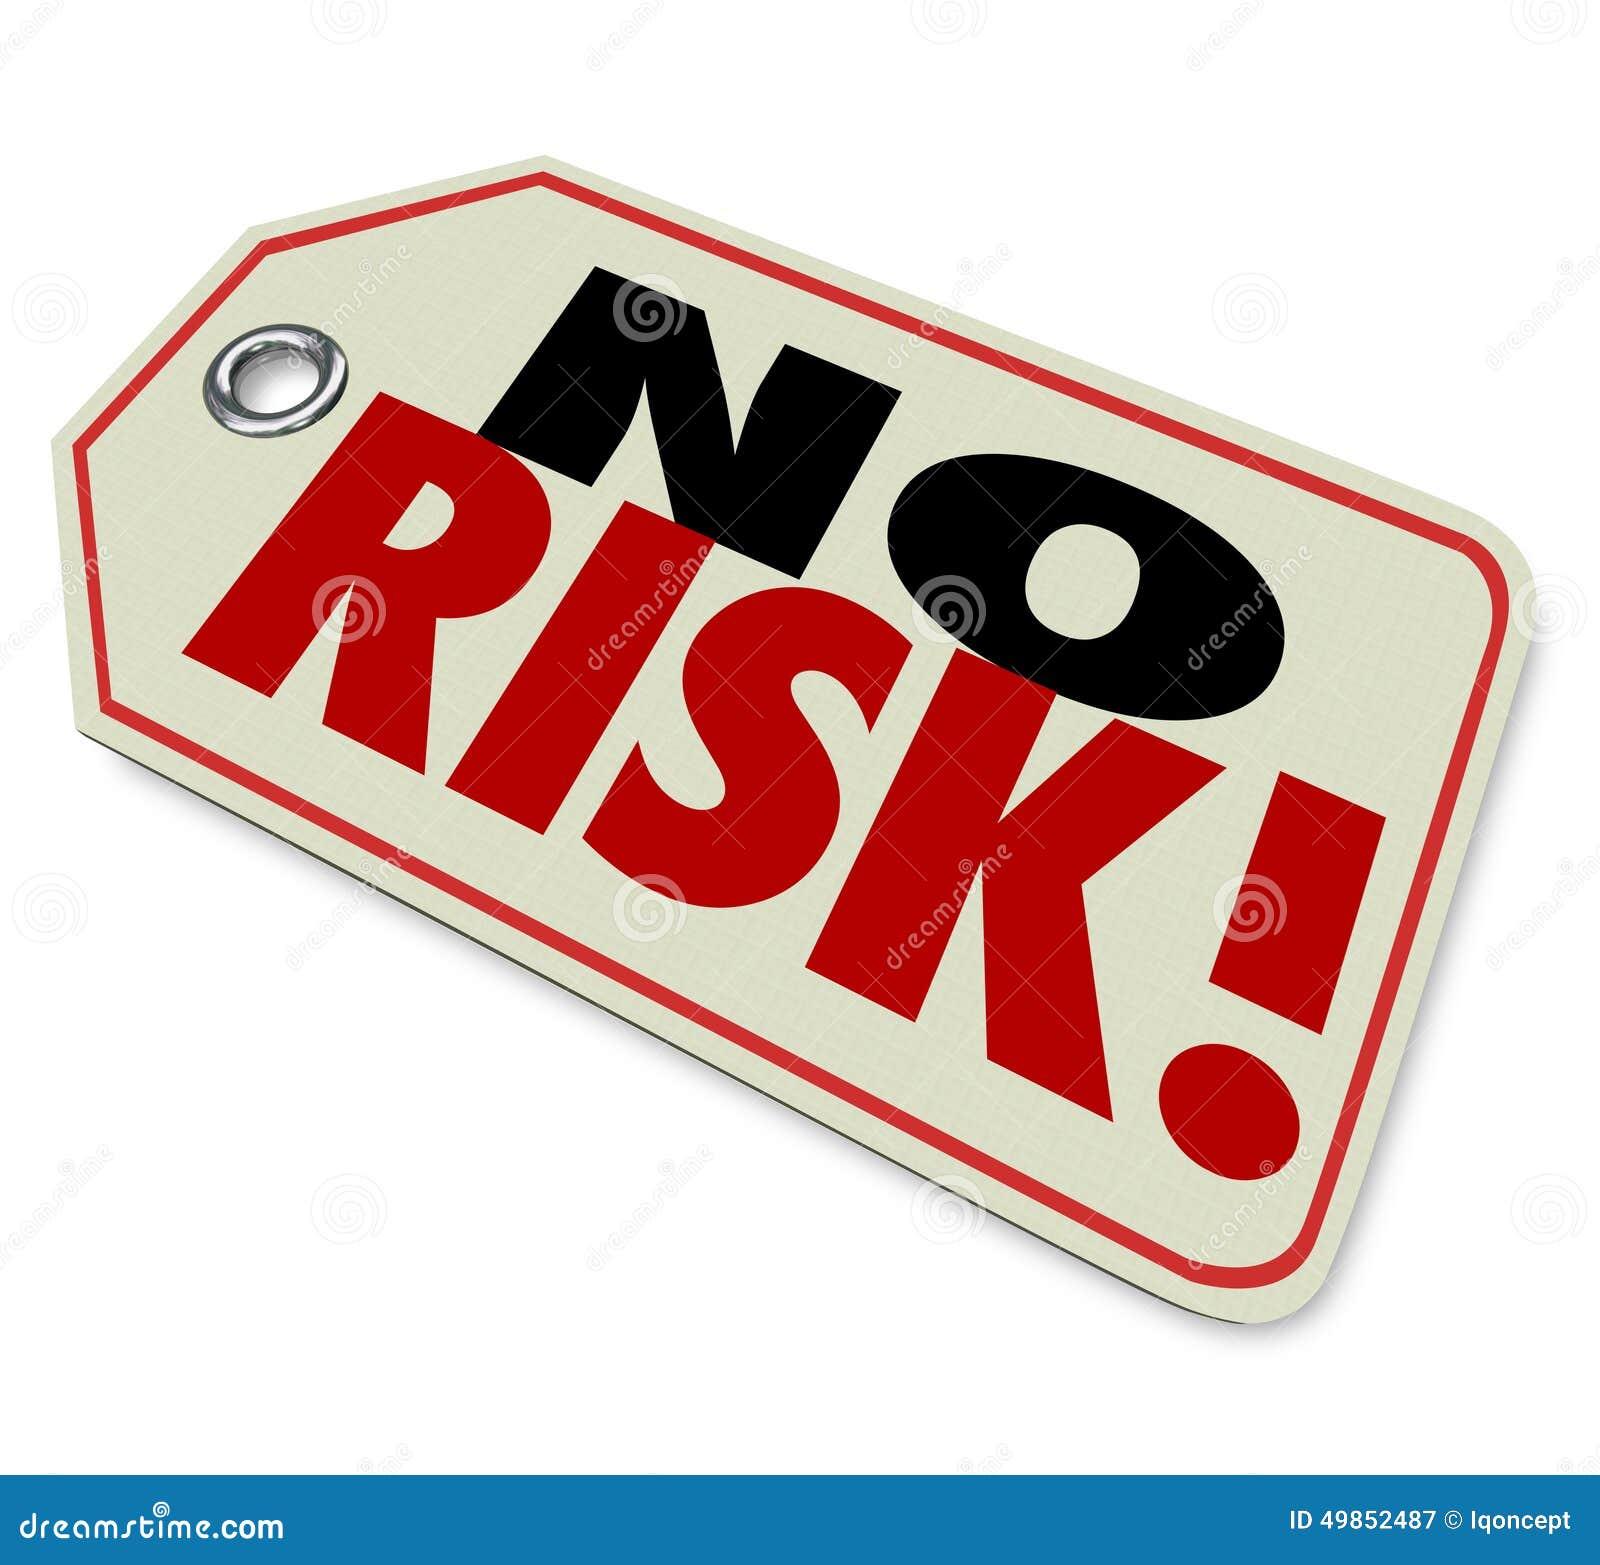 没有风险价牌顶面被信任的质量品牌最佳的产品Guarant